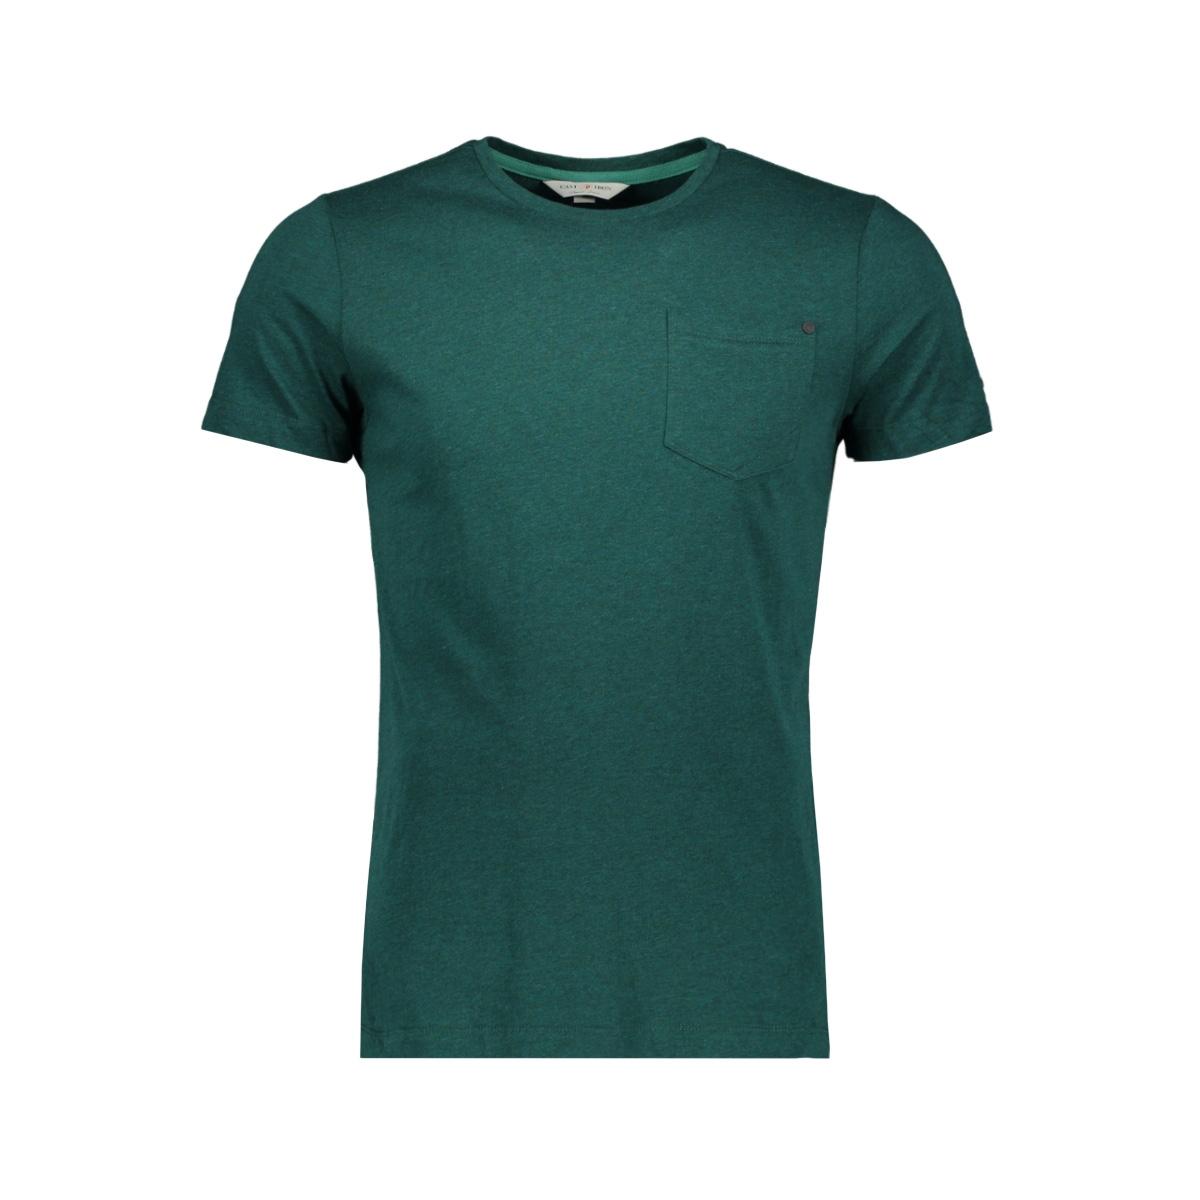 mouline jersey t shirt ctss196312 cast iron t-shirt 6431